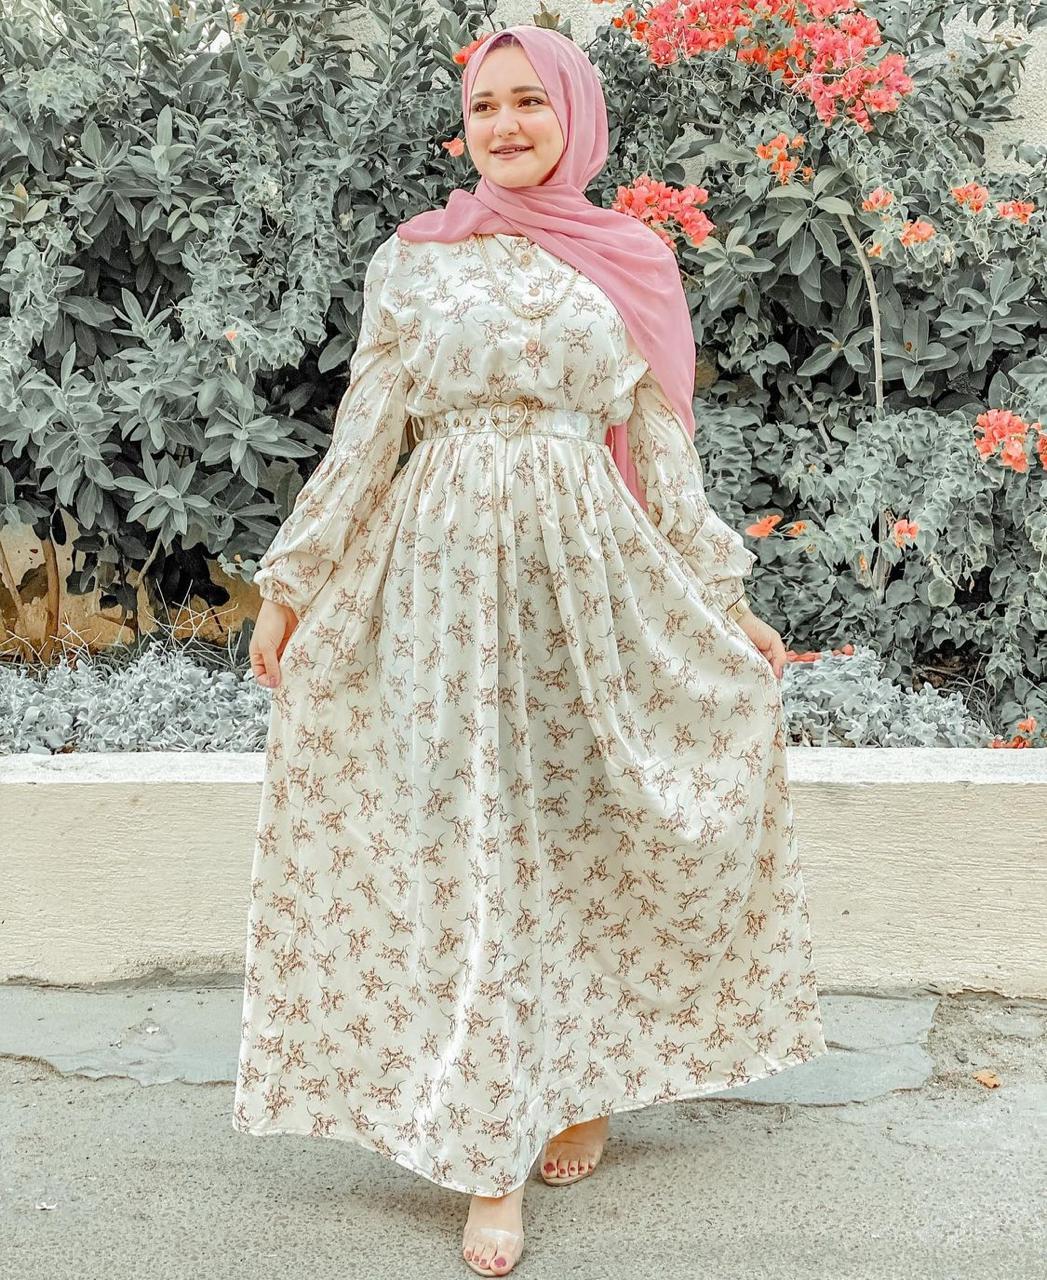 الفستان المطبعة مع حزام الخصر من المدونة المصرية ايمان ممدوح -الصورة من الانستغرام